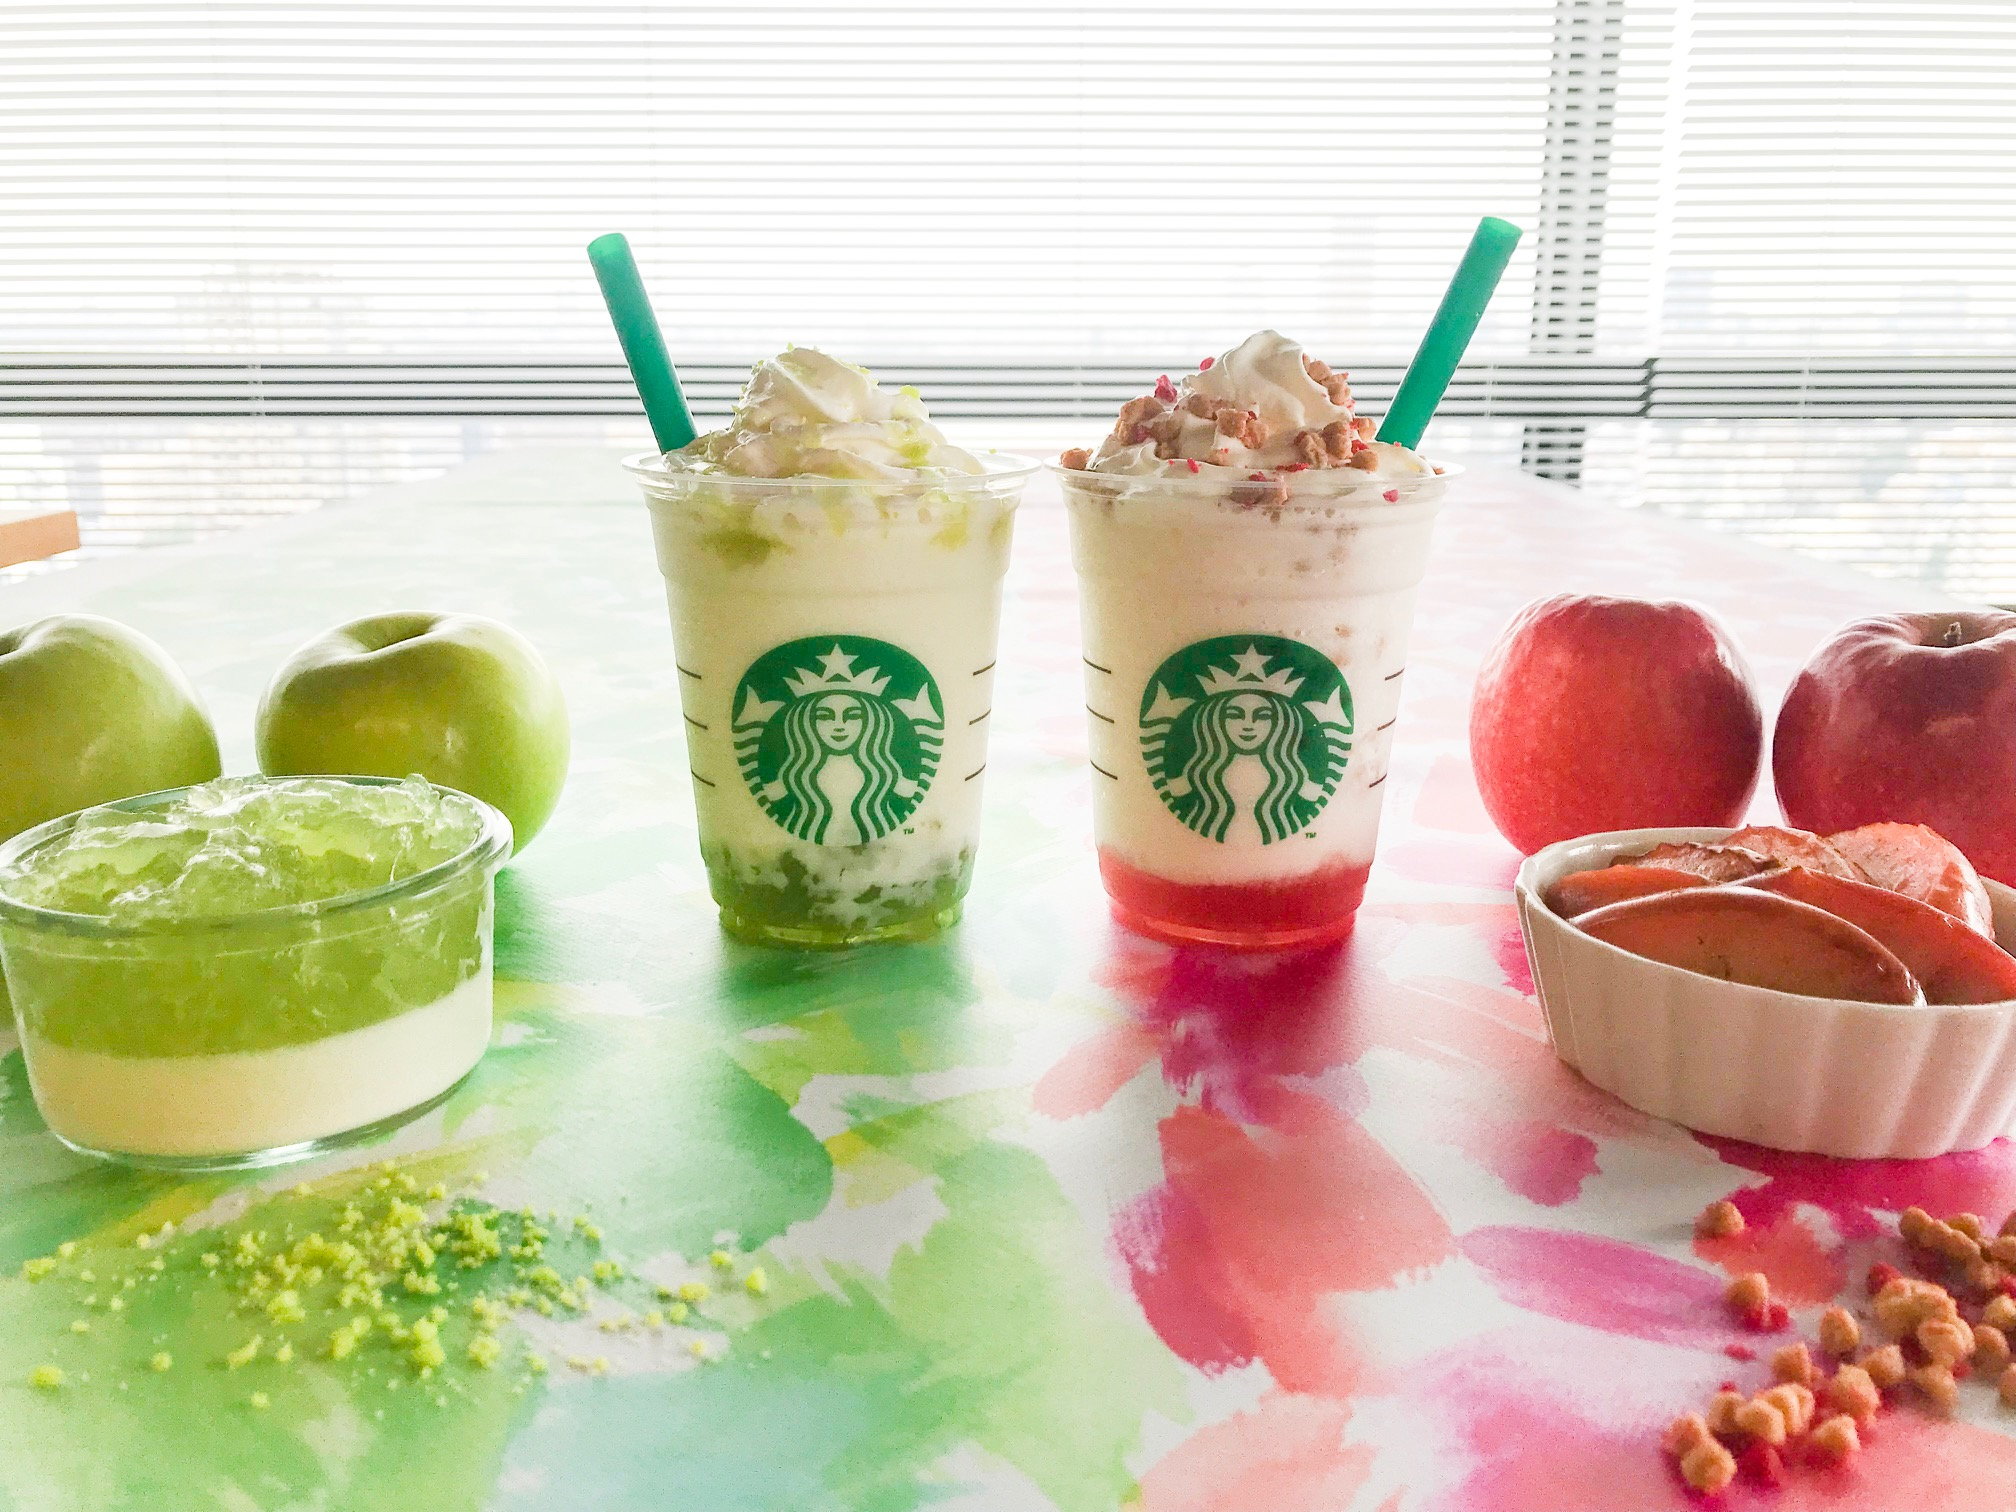 【スタバ 新作レポ】りんごのおいしさを楽しむ2つの新作フラペチーノ♡ グリーンとピンク、それぞれどんな味?_1